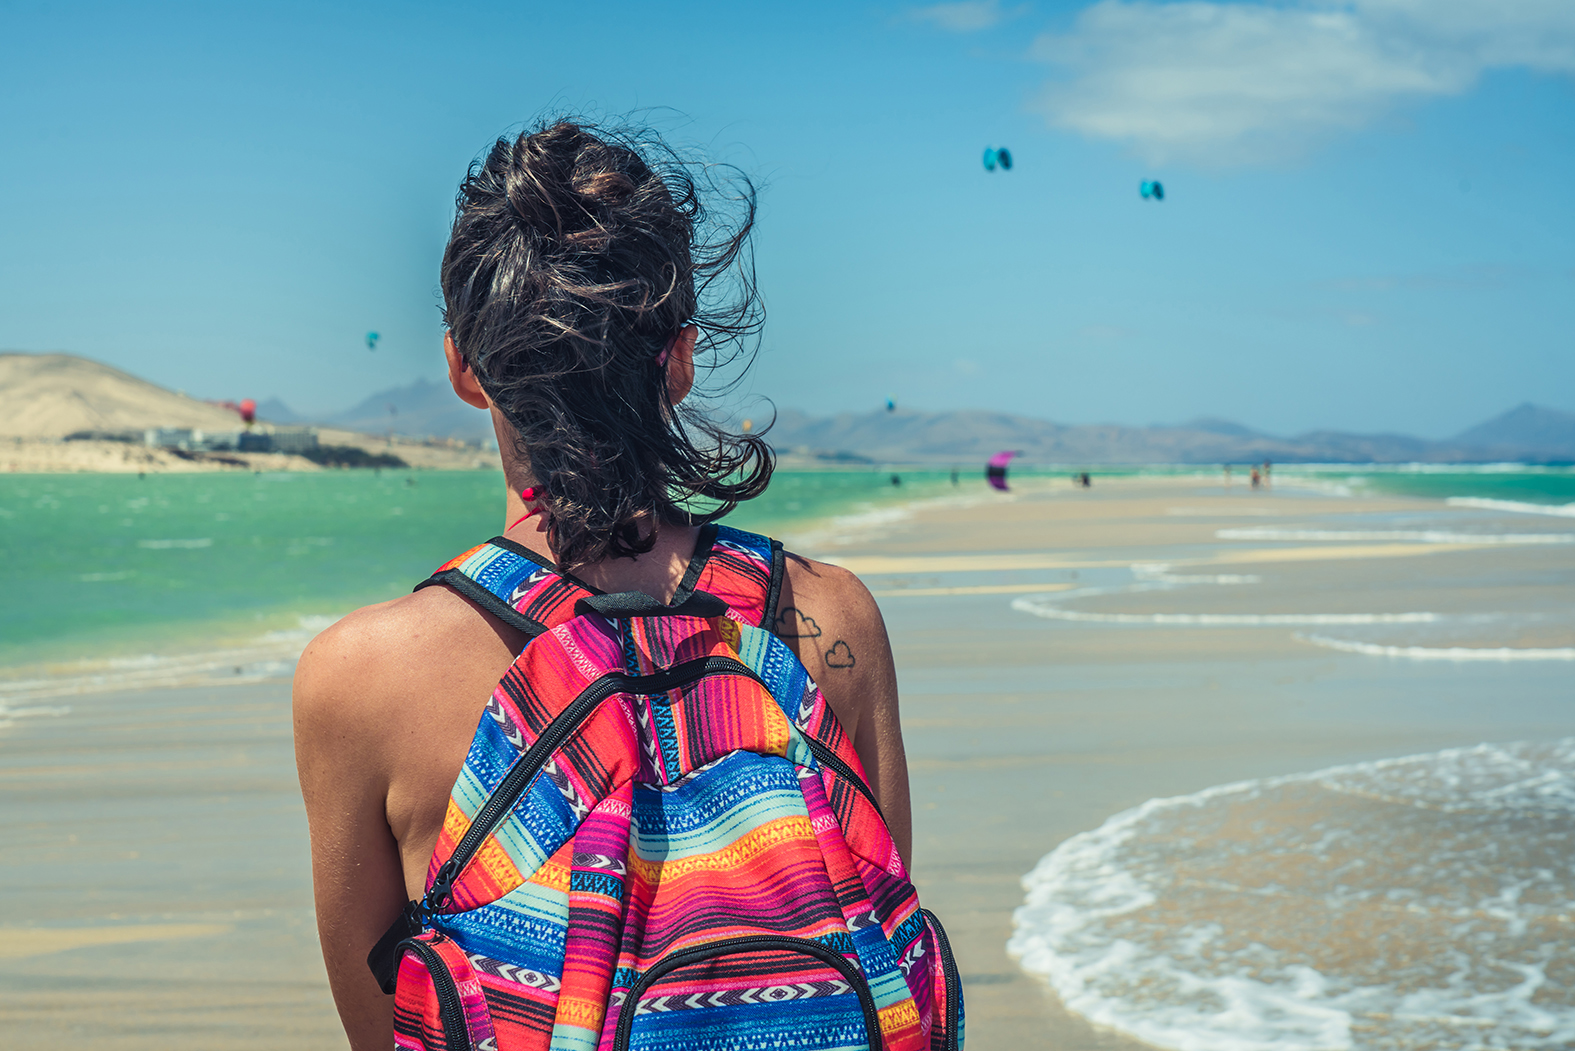 Espacio verano Canarias